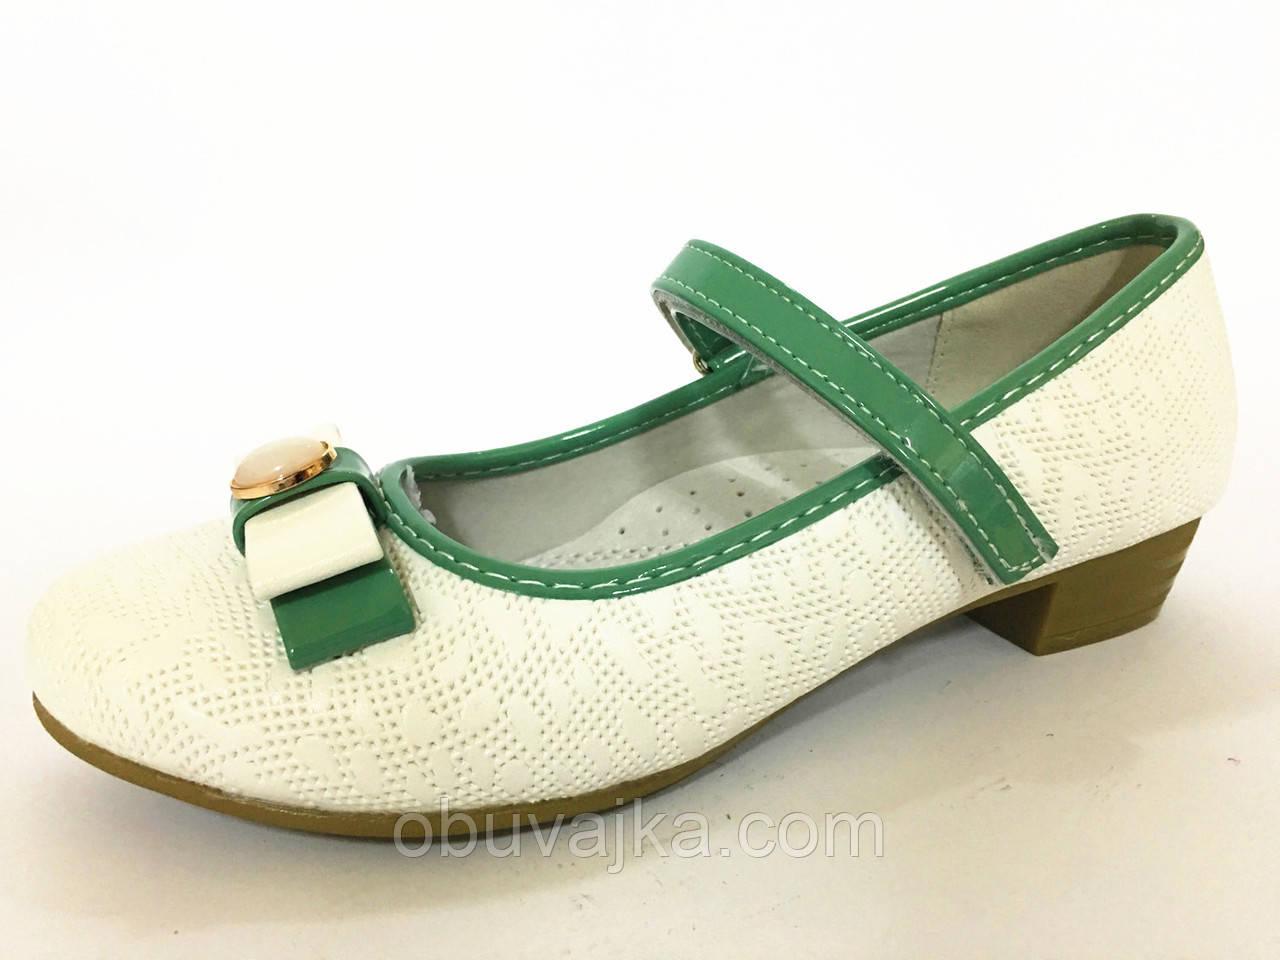 """Детские туфли Tom.m(33-38) - Интернет-магазин """"Обувайка""""-продажа обуви оптом. Промрынок 7 км в Одессе"""